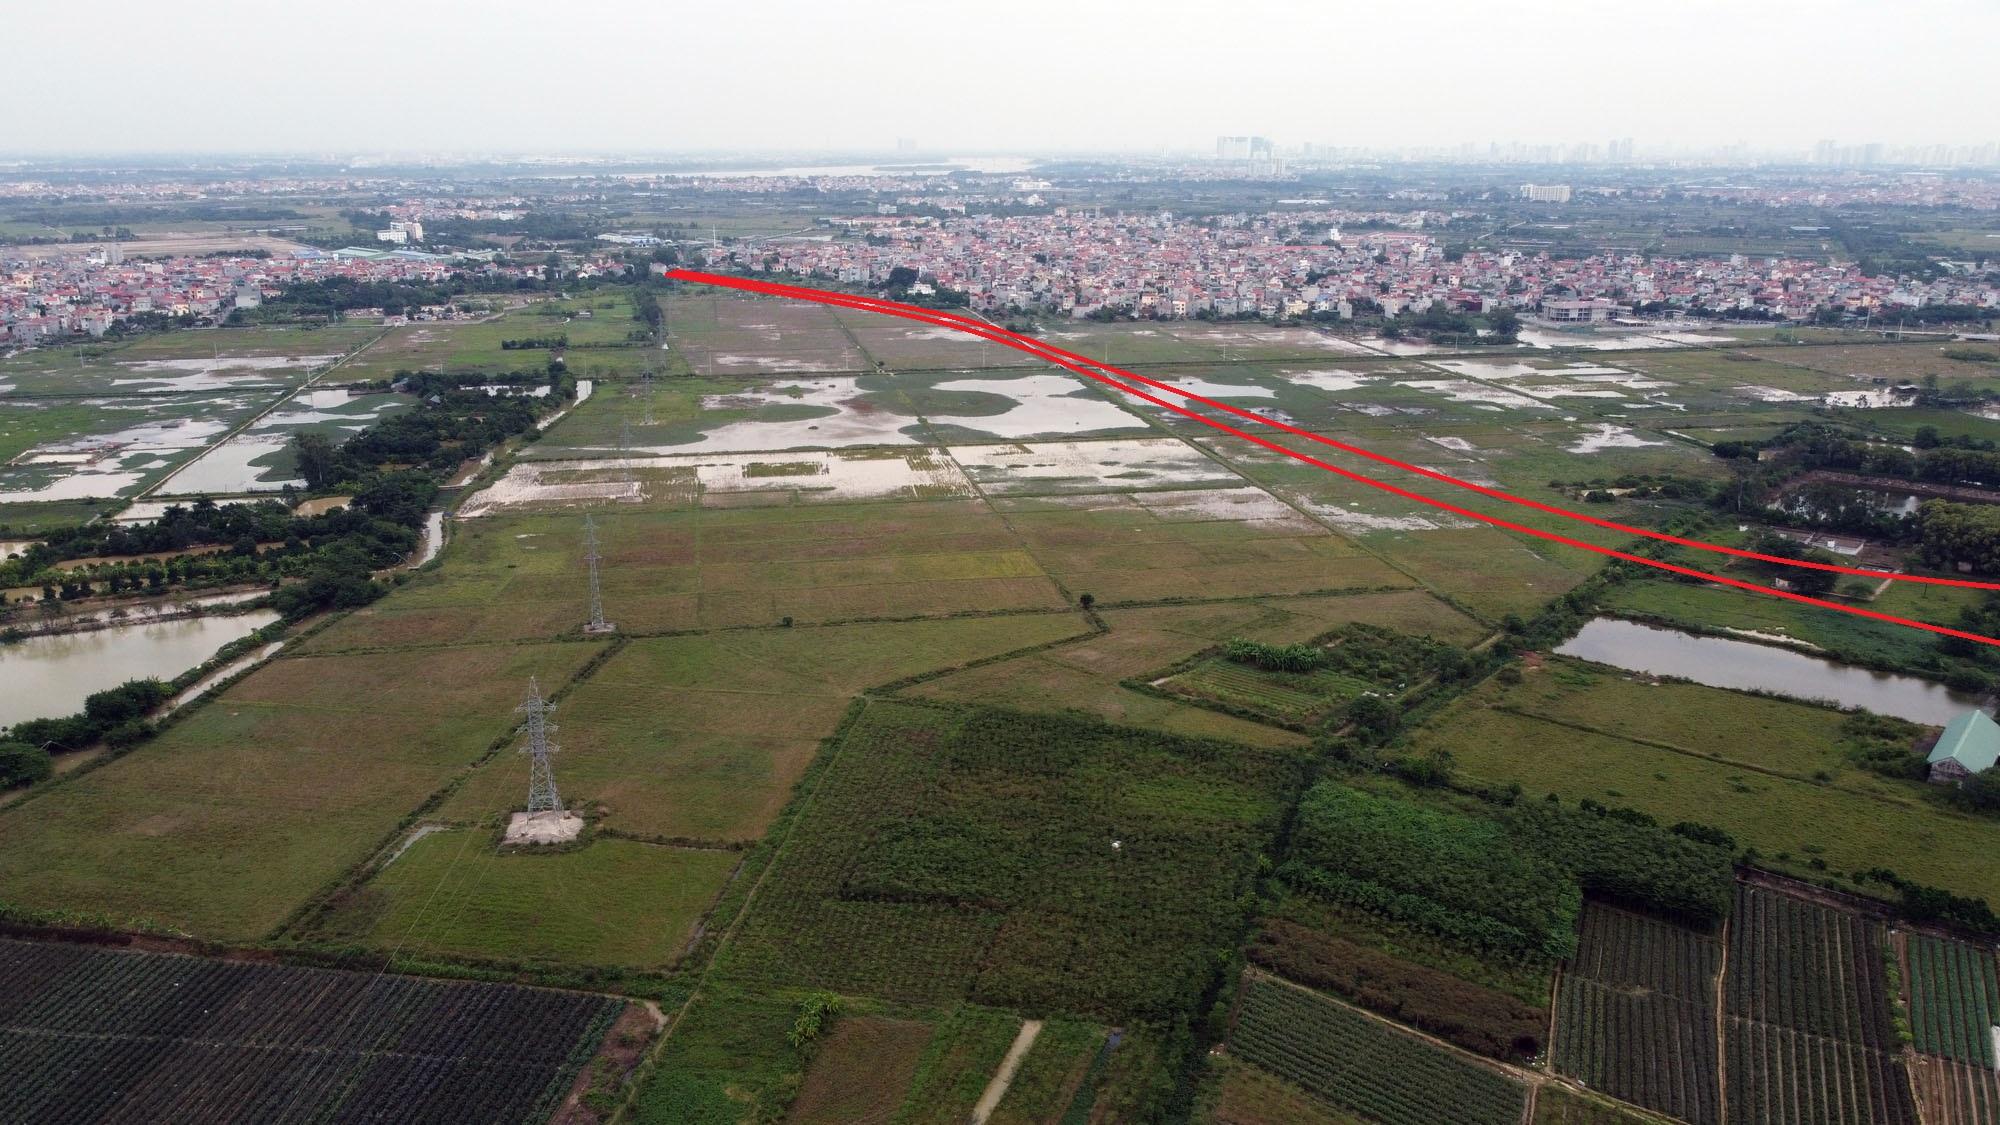 Ba đường sẽ mở theo qui hoạch ở xã Tân Lập, Đan Phượng, Hà Nội - Ảnh 11.